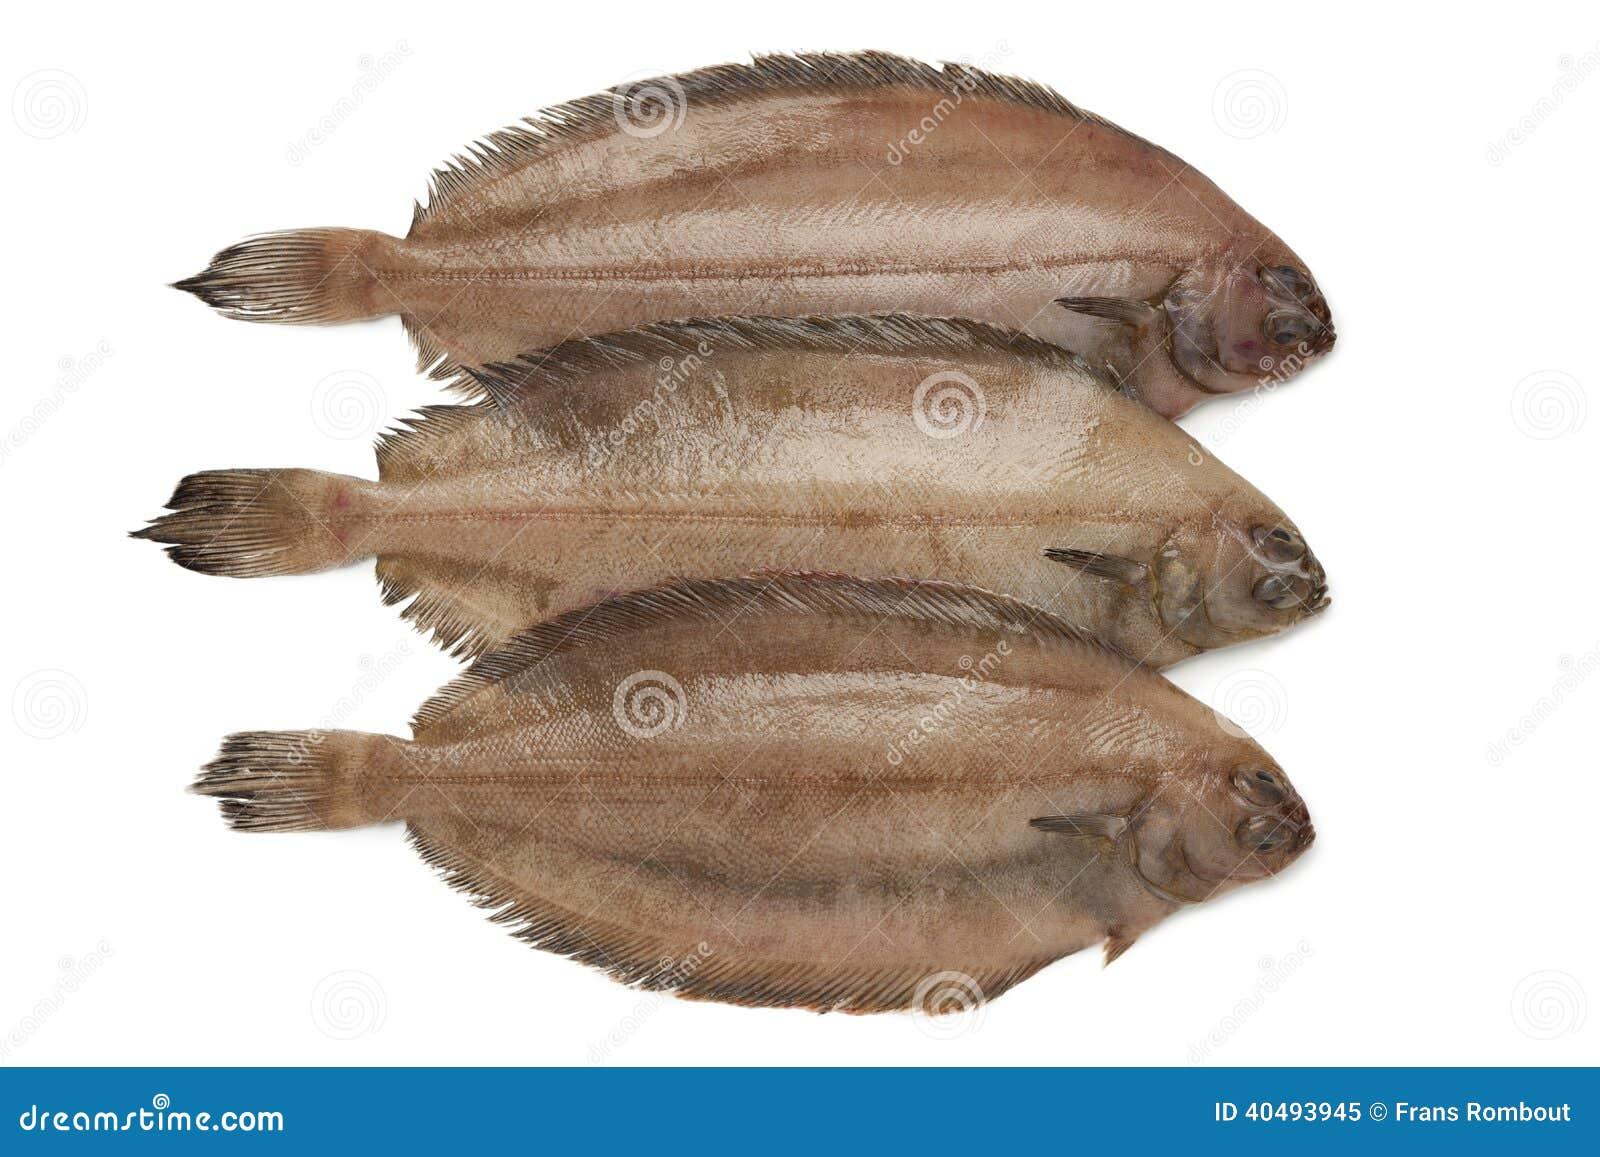 Verse ruwe megrim vissen